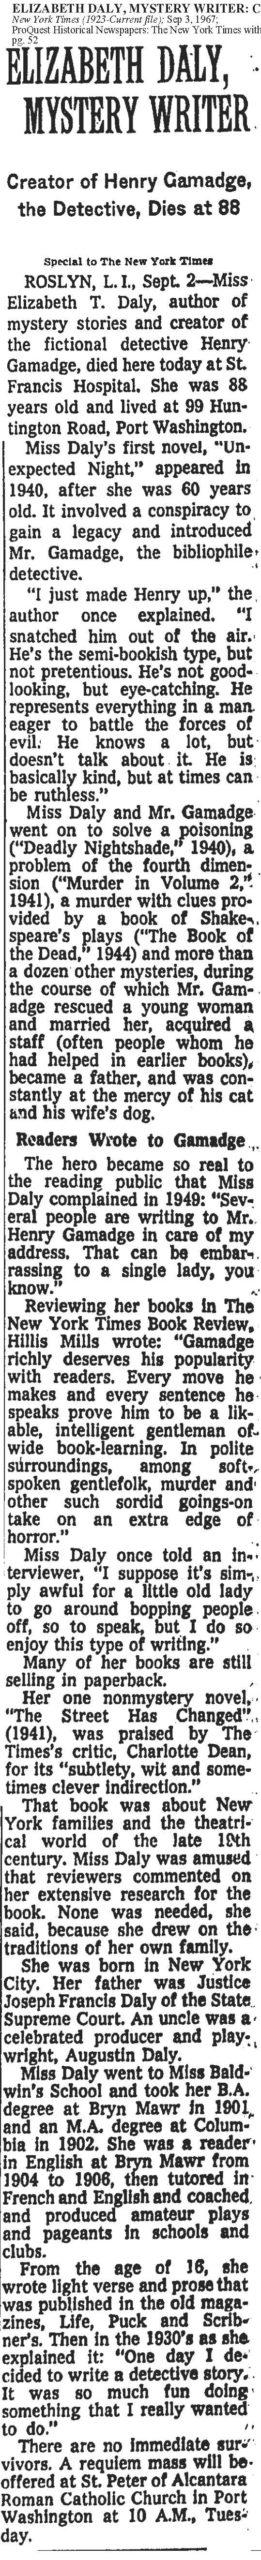 Elizabeth Daily NY Times Obituary